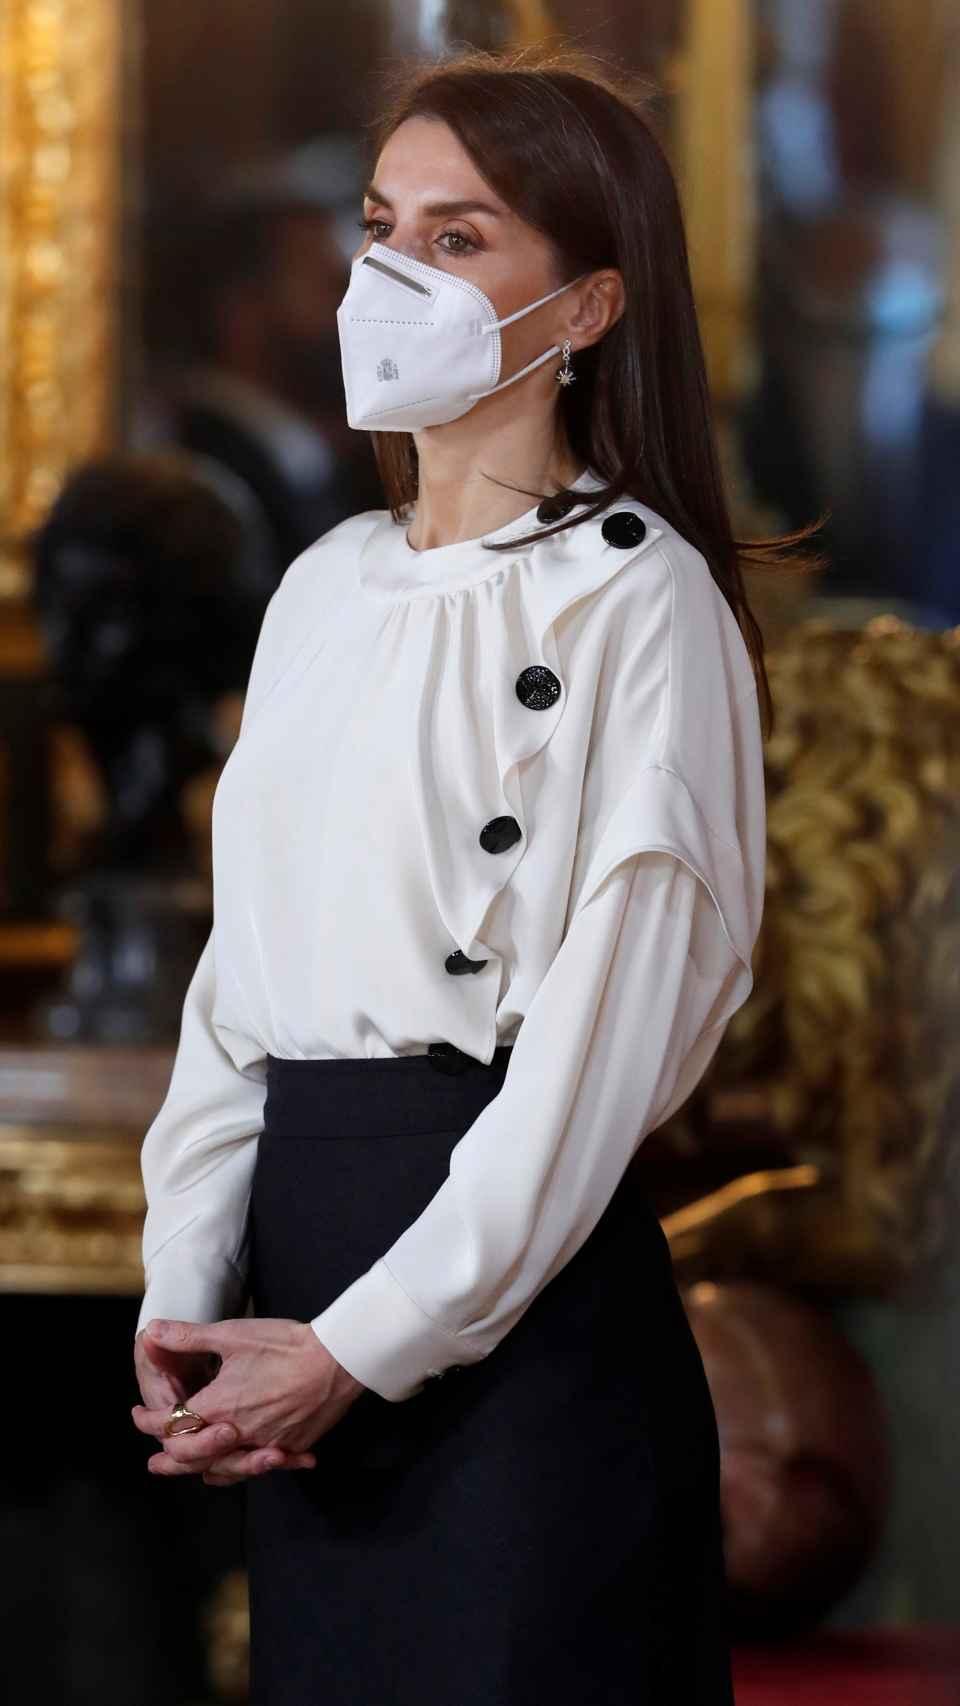 La Reina ha comenzado el año estrenando blusa.